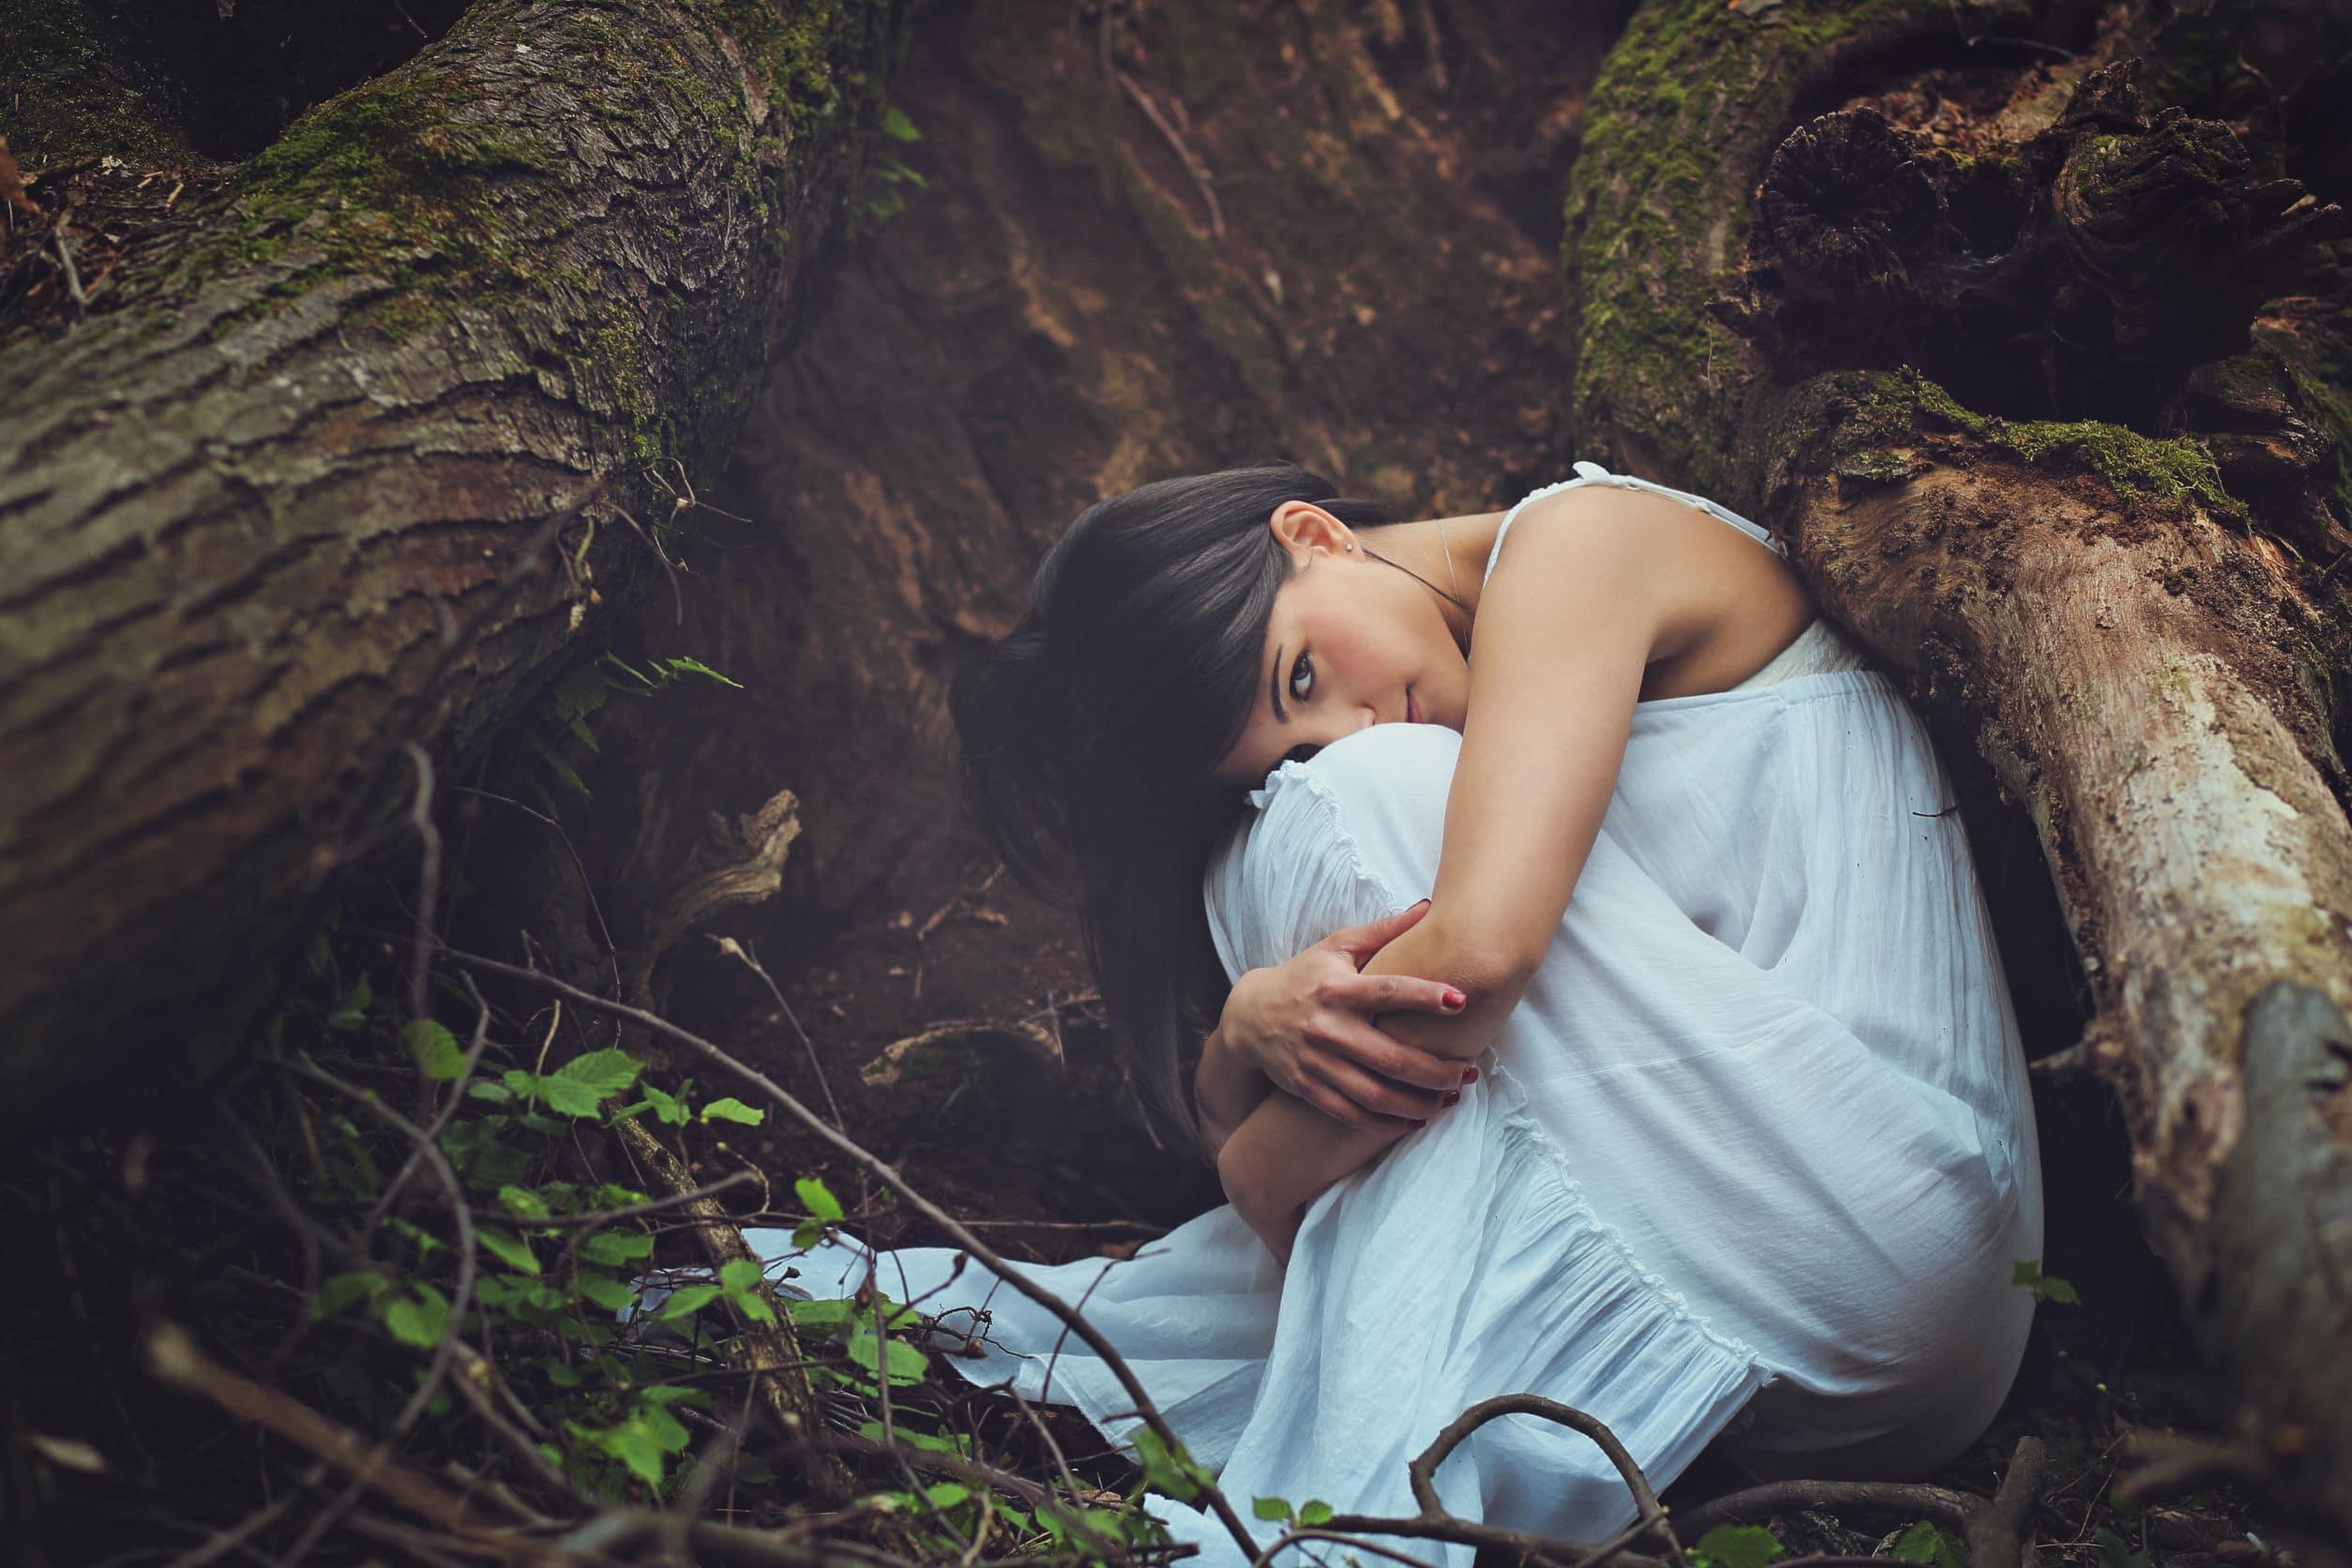 A mulher bonita agachada entre raizes de árvores